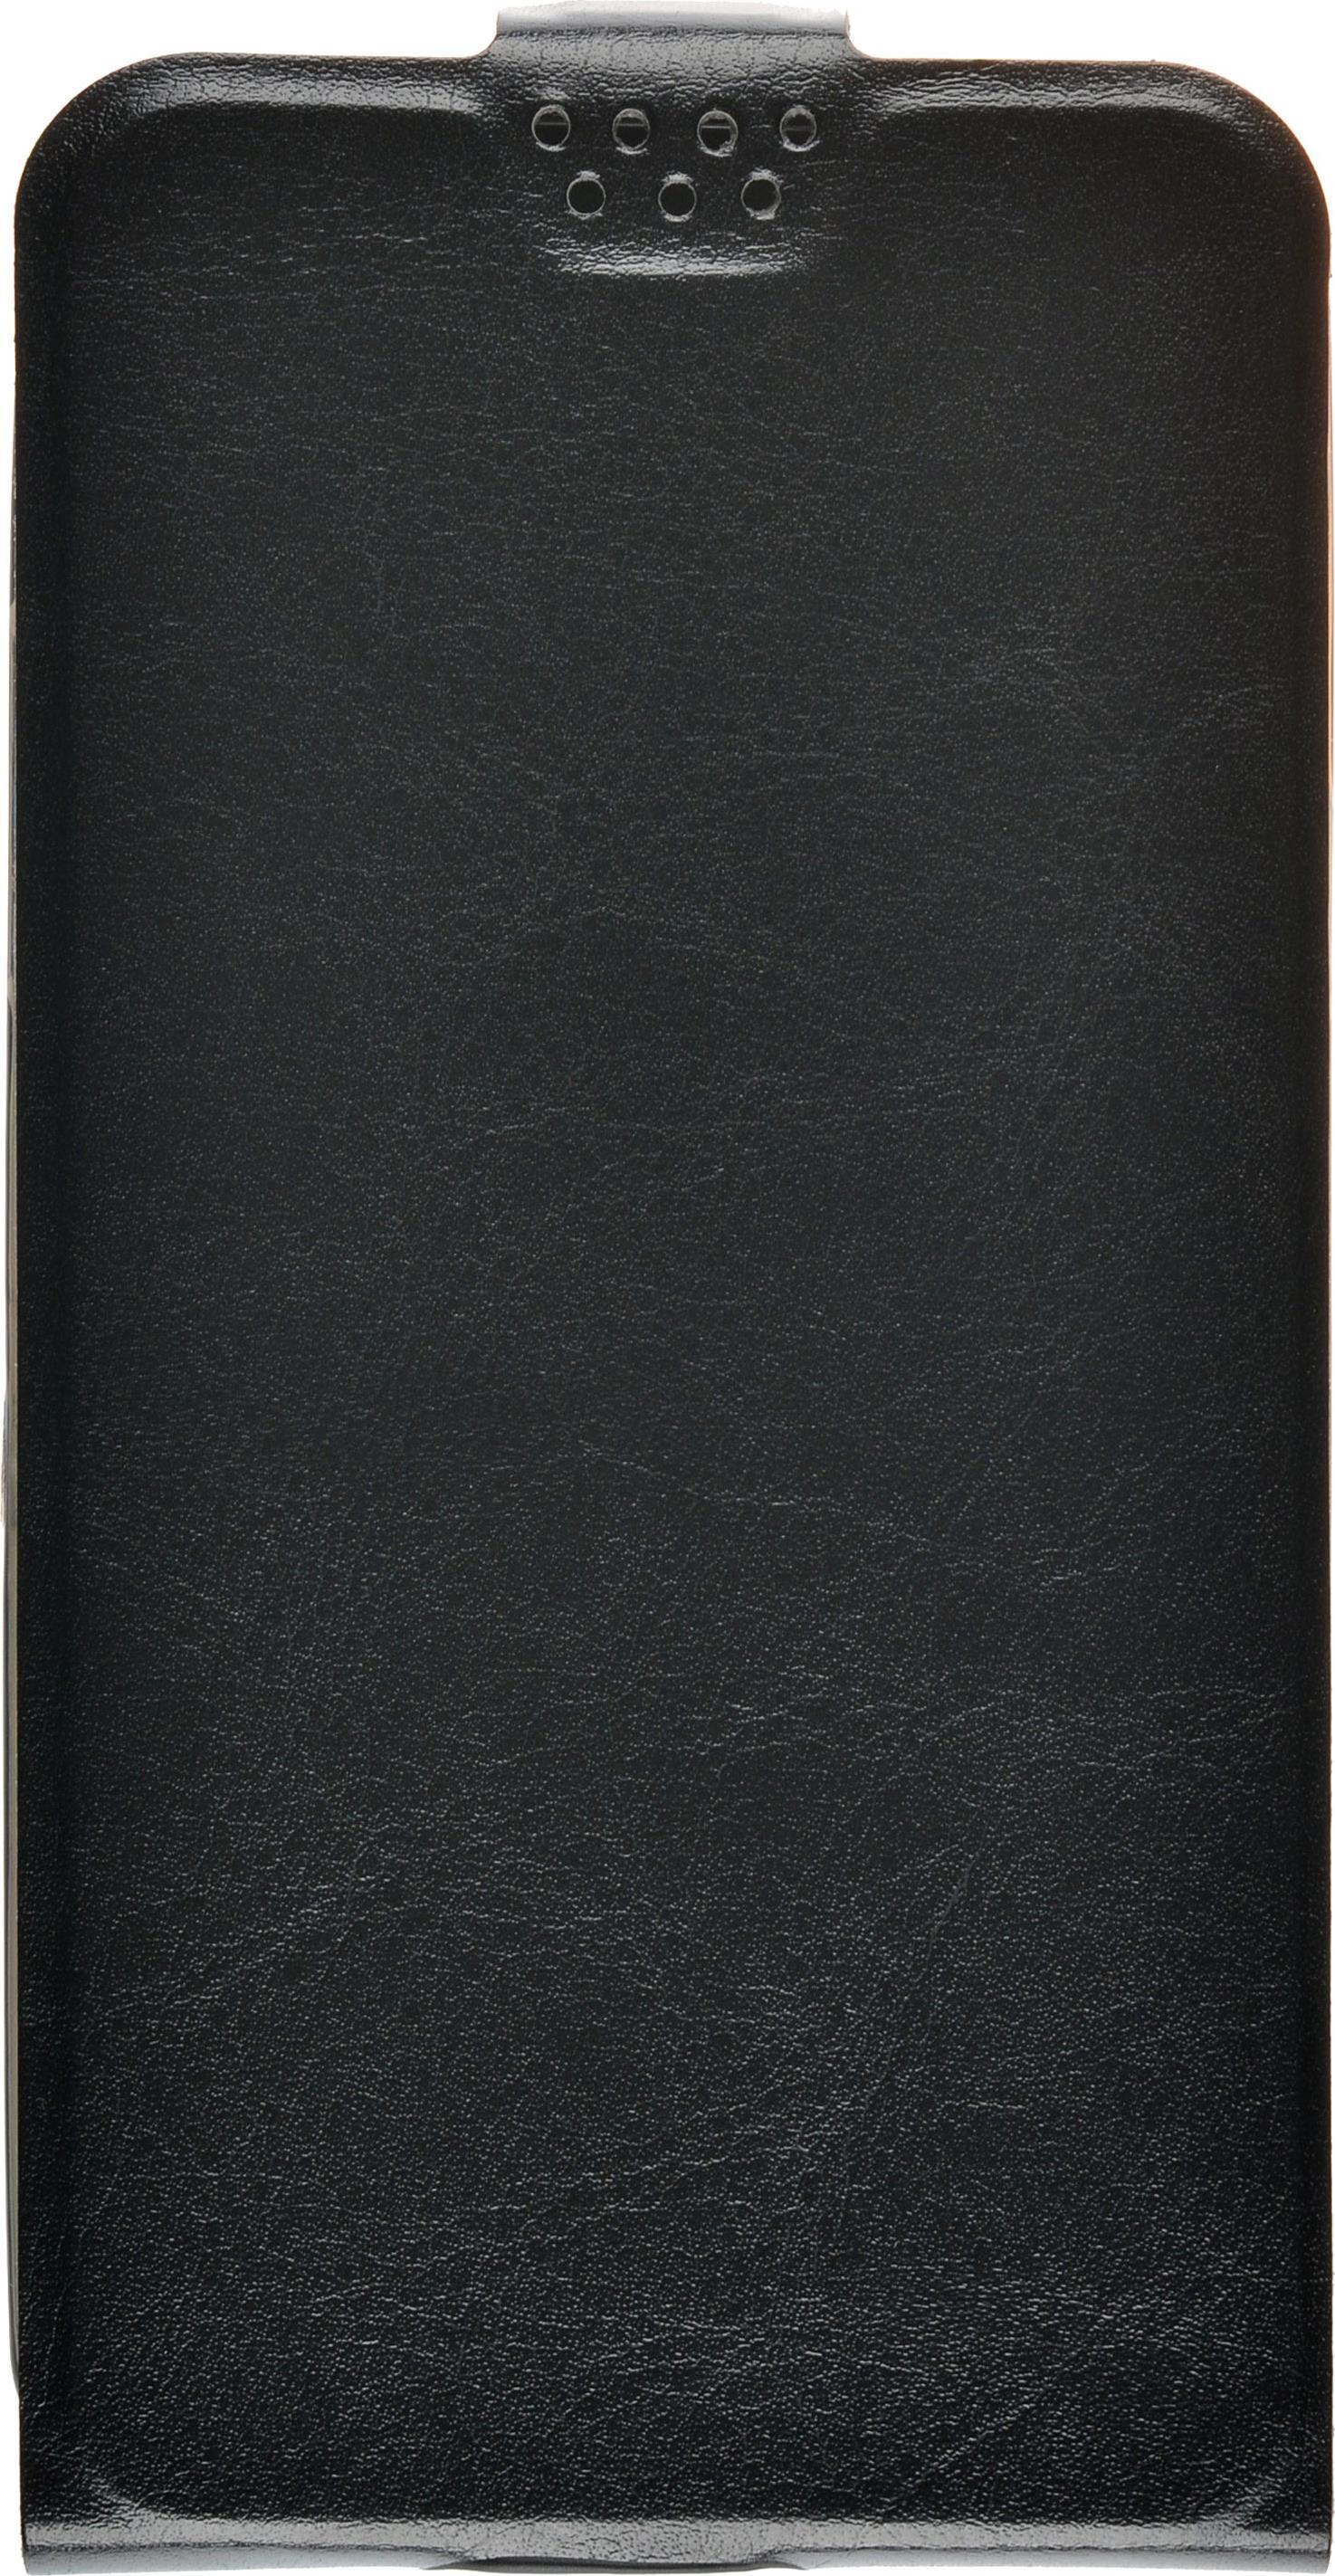 Чехол для сотового телефона skinBOX Flip slim, 4630042527911, черный skinbox flip slim чехол для alcatel 4024d pixi black